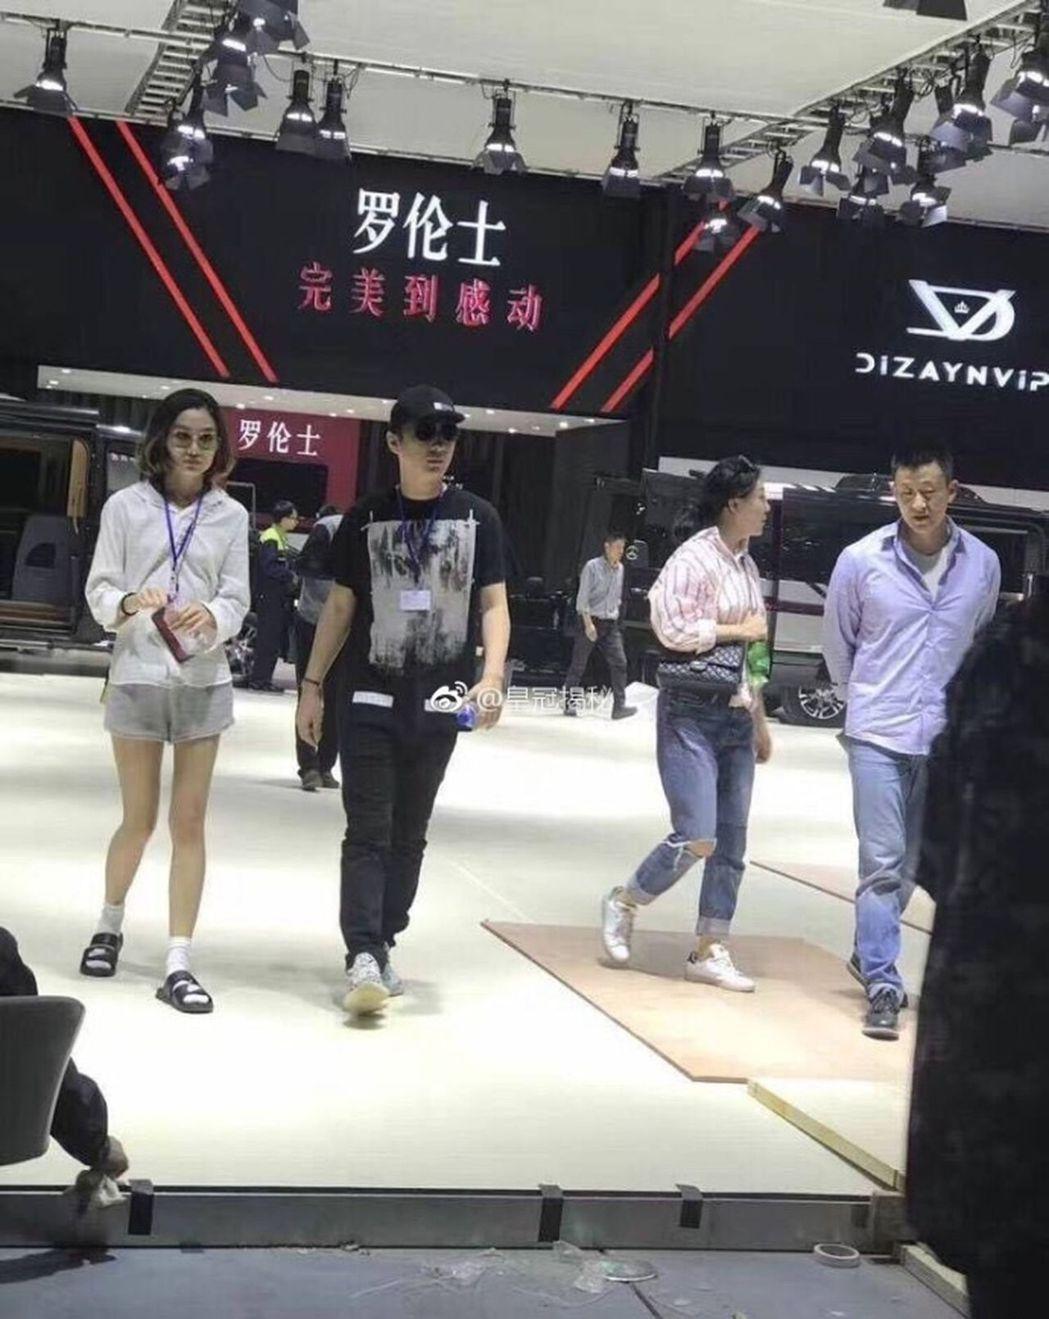 王思聰在助理的陪同下到上海車展看車。(取材自微博) 葉玉鏡